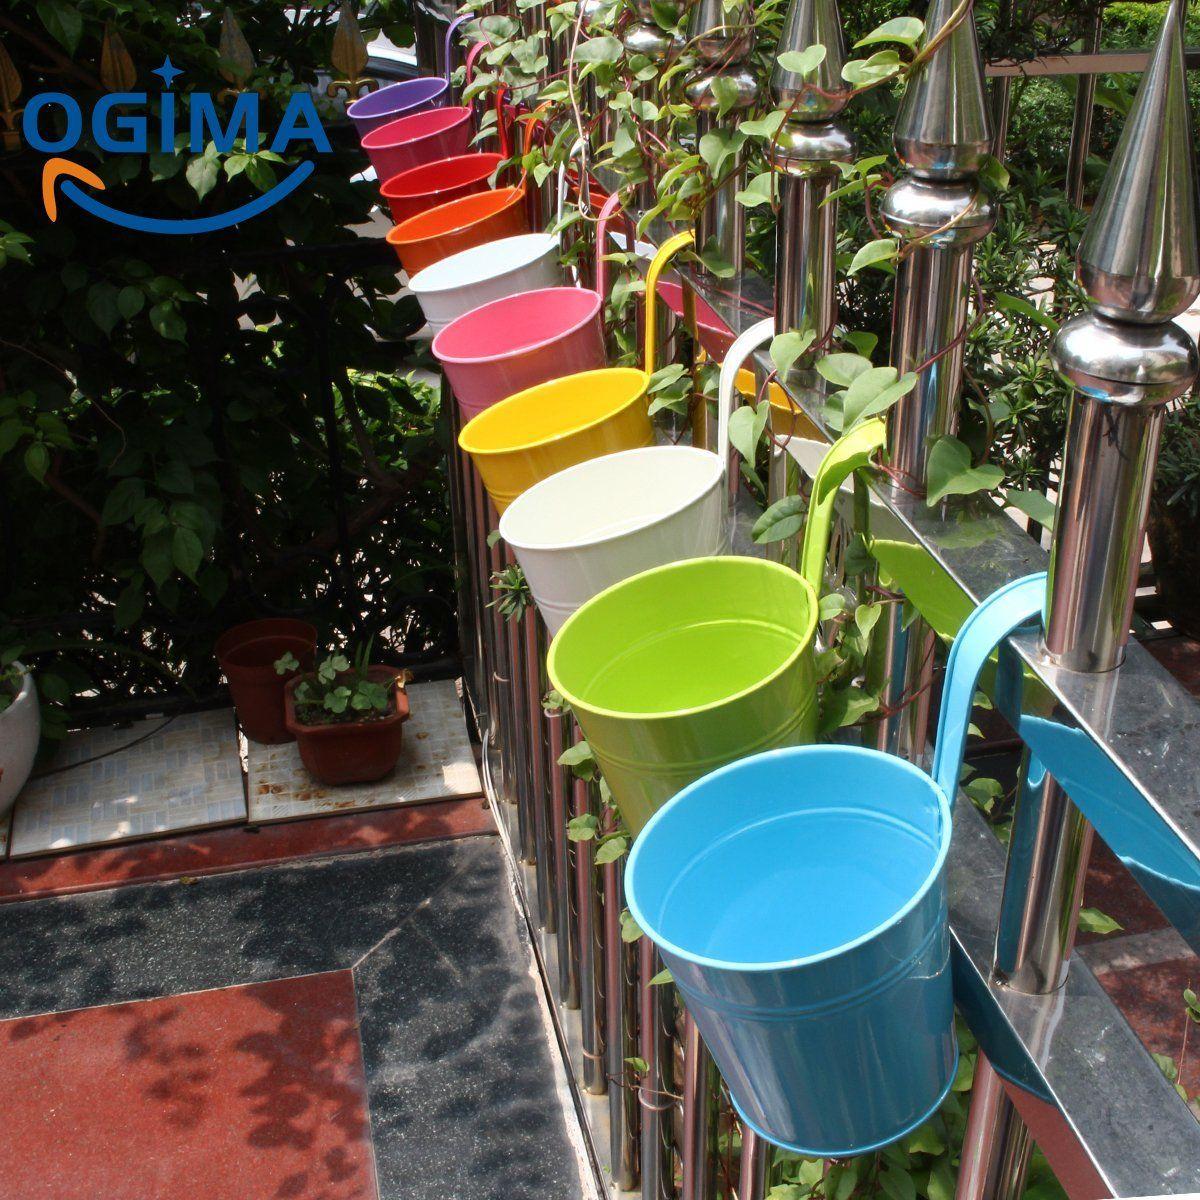 Vasi Da Giardino Colorati vasi da fiori in metallo da appendere al balcone o per uso